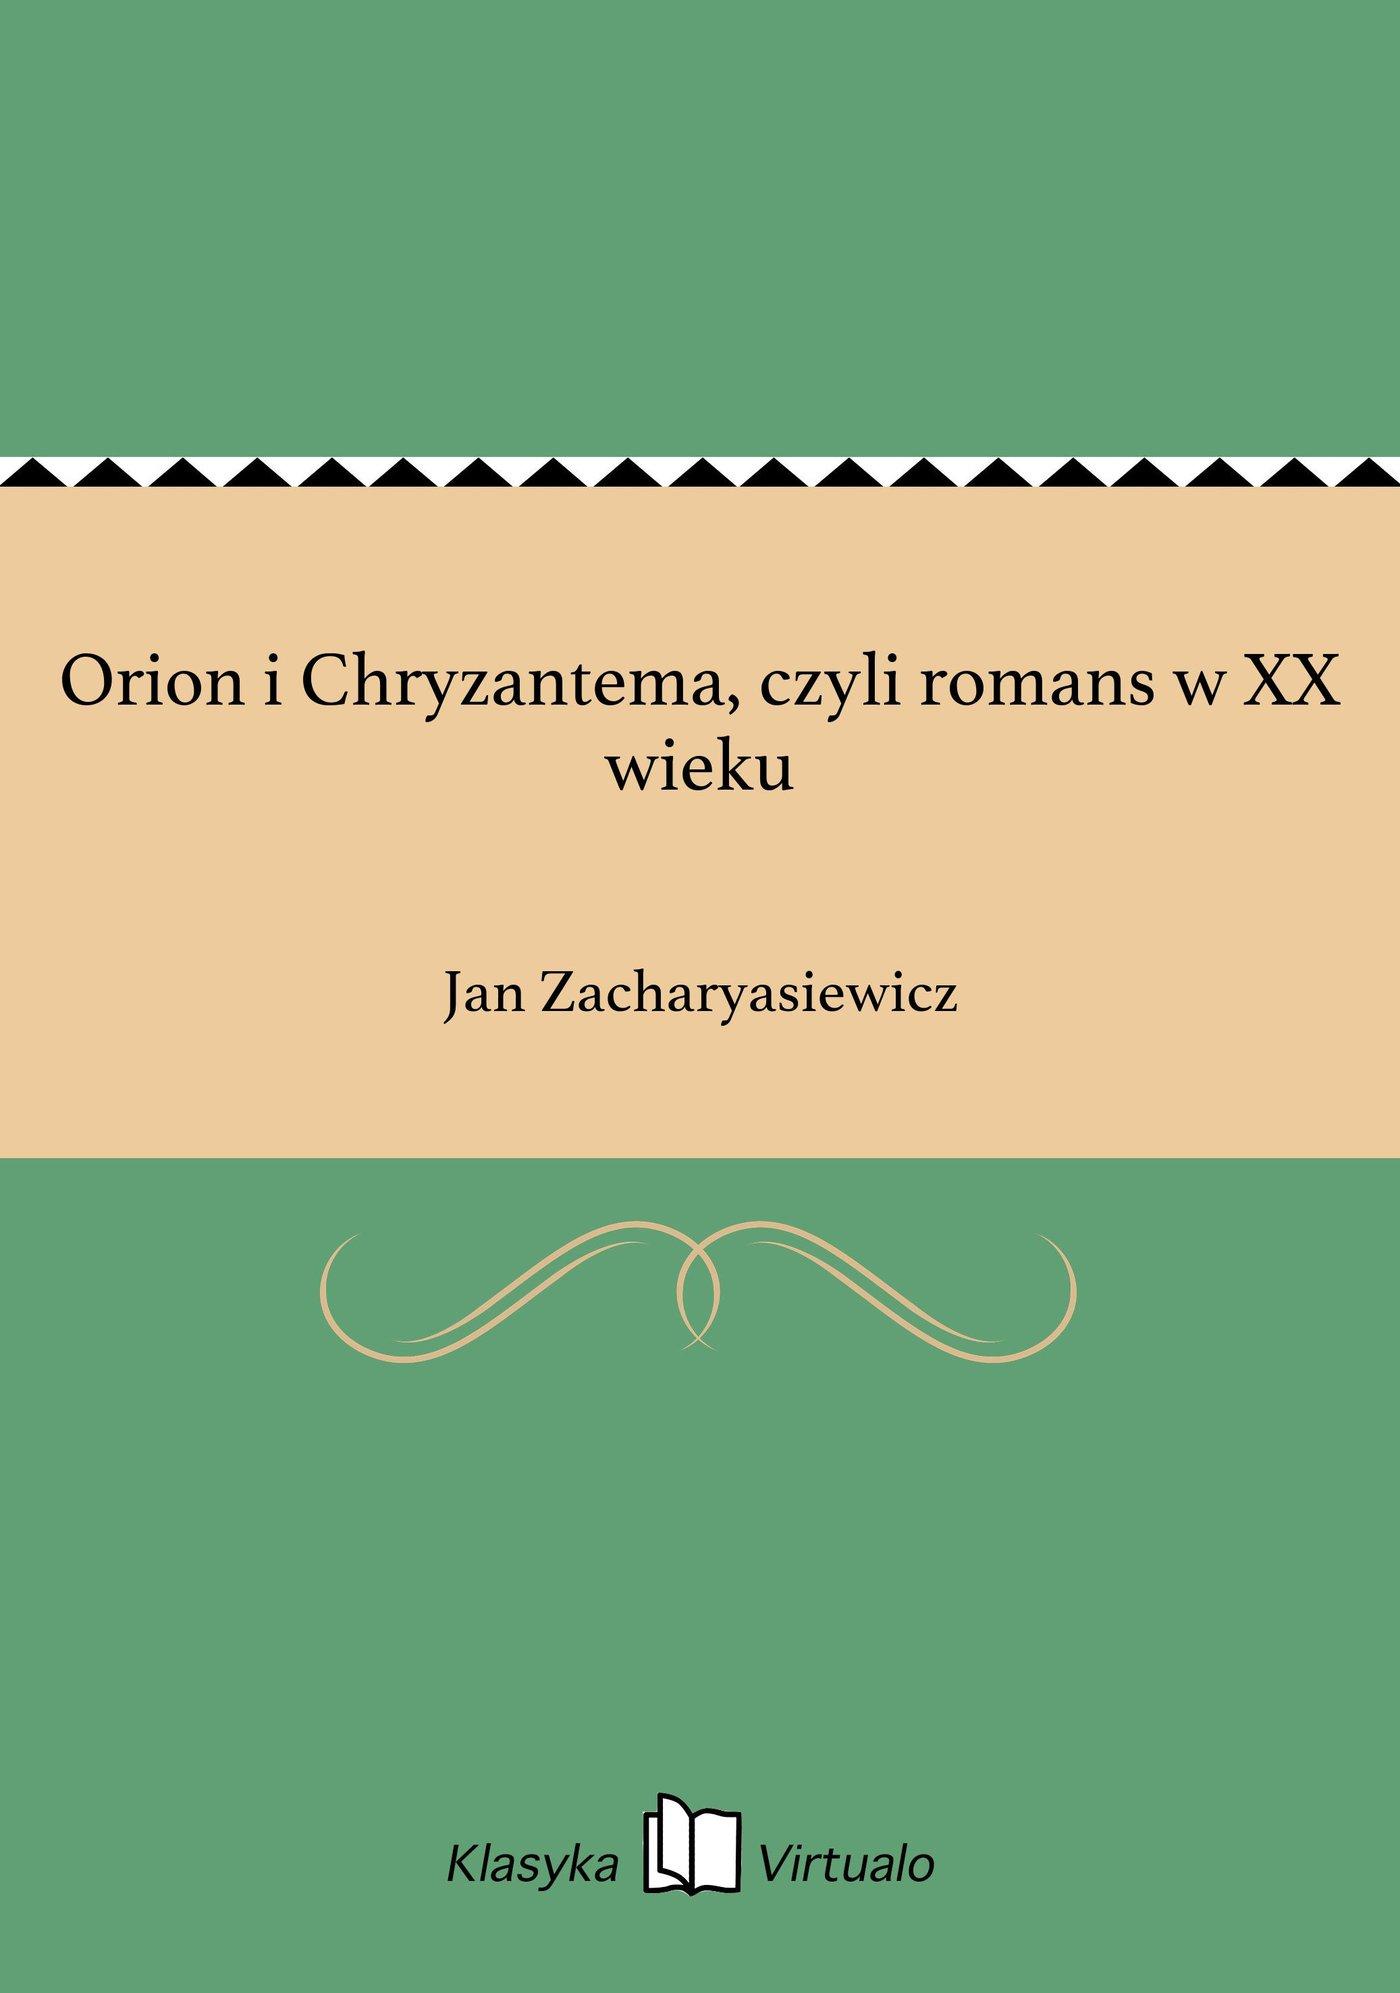 Orion i Chryzantema, czyli romans w XX wieku - Ebook (Książka EPUB) do pobrania w formacie EPUB